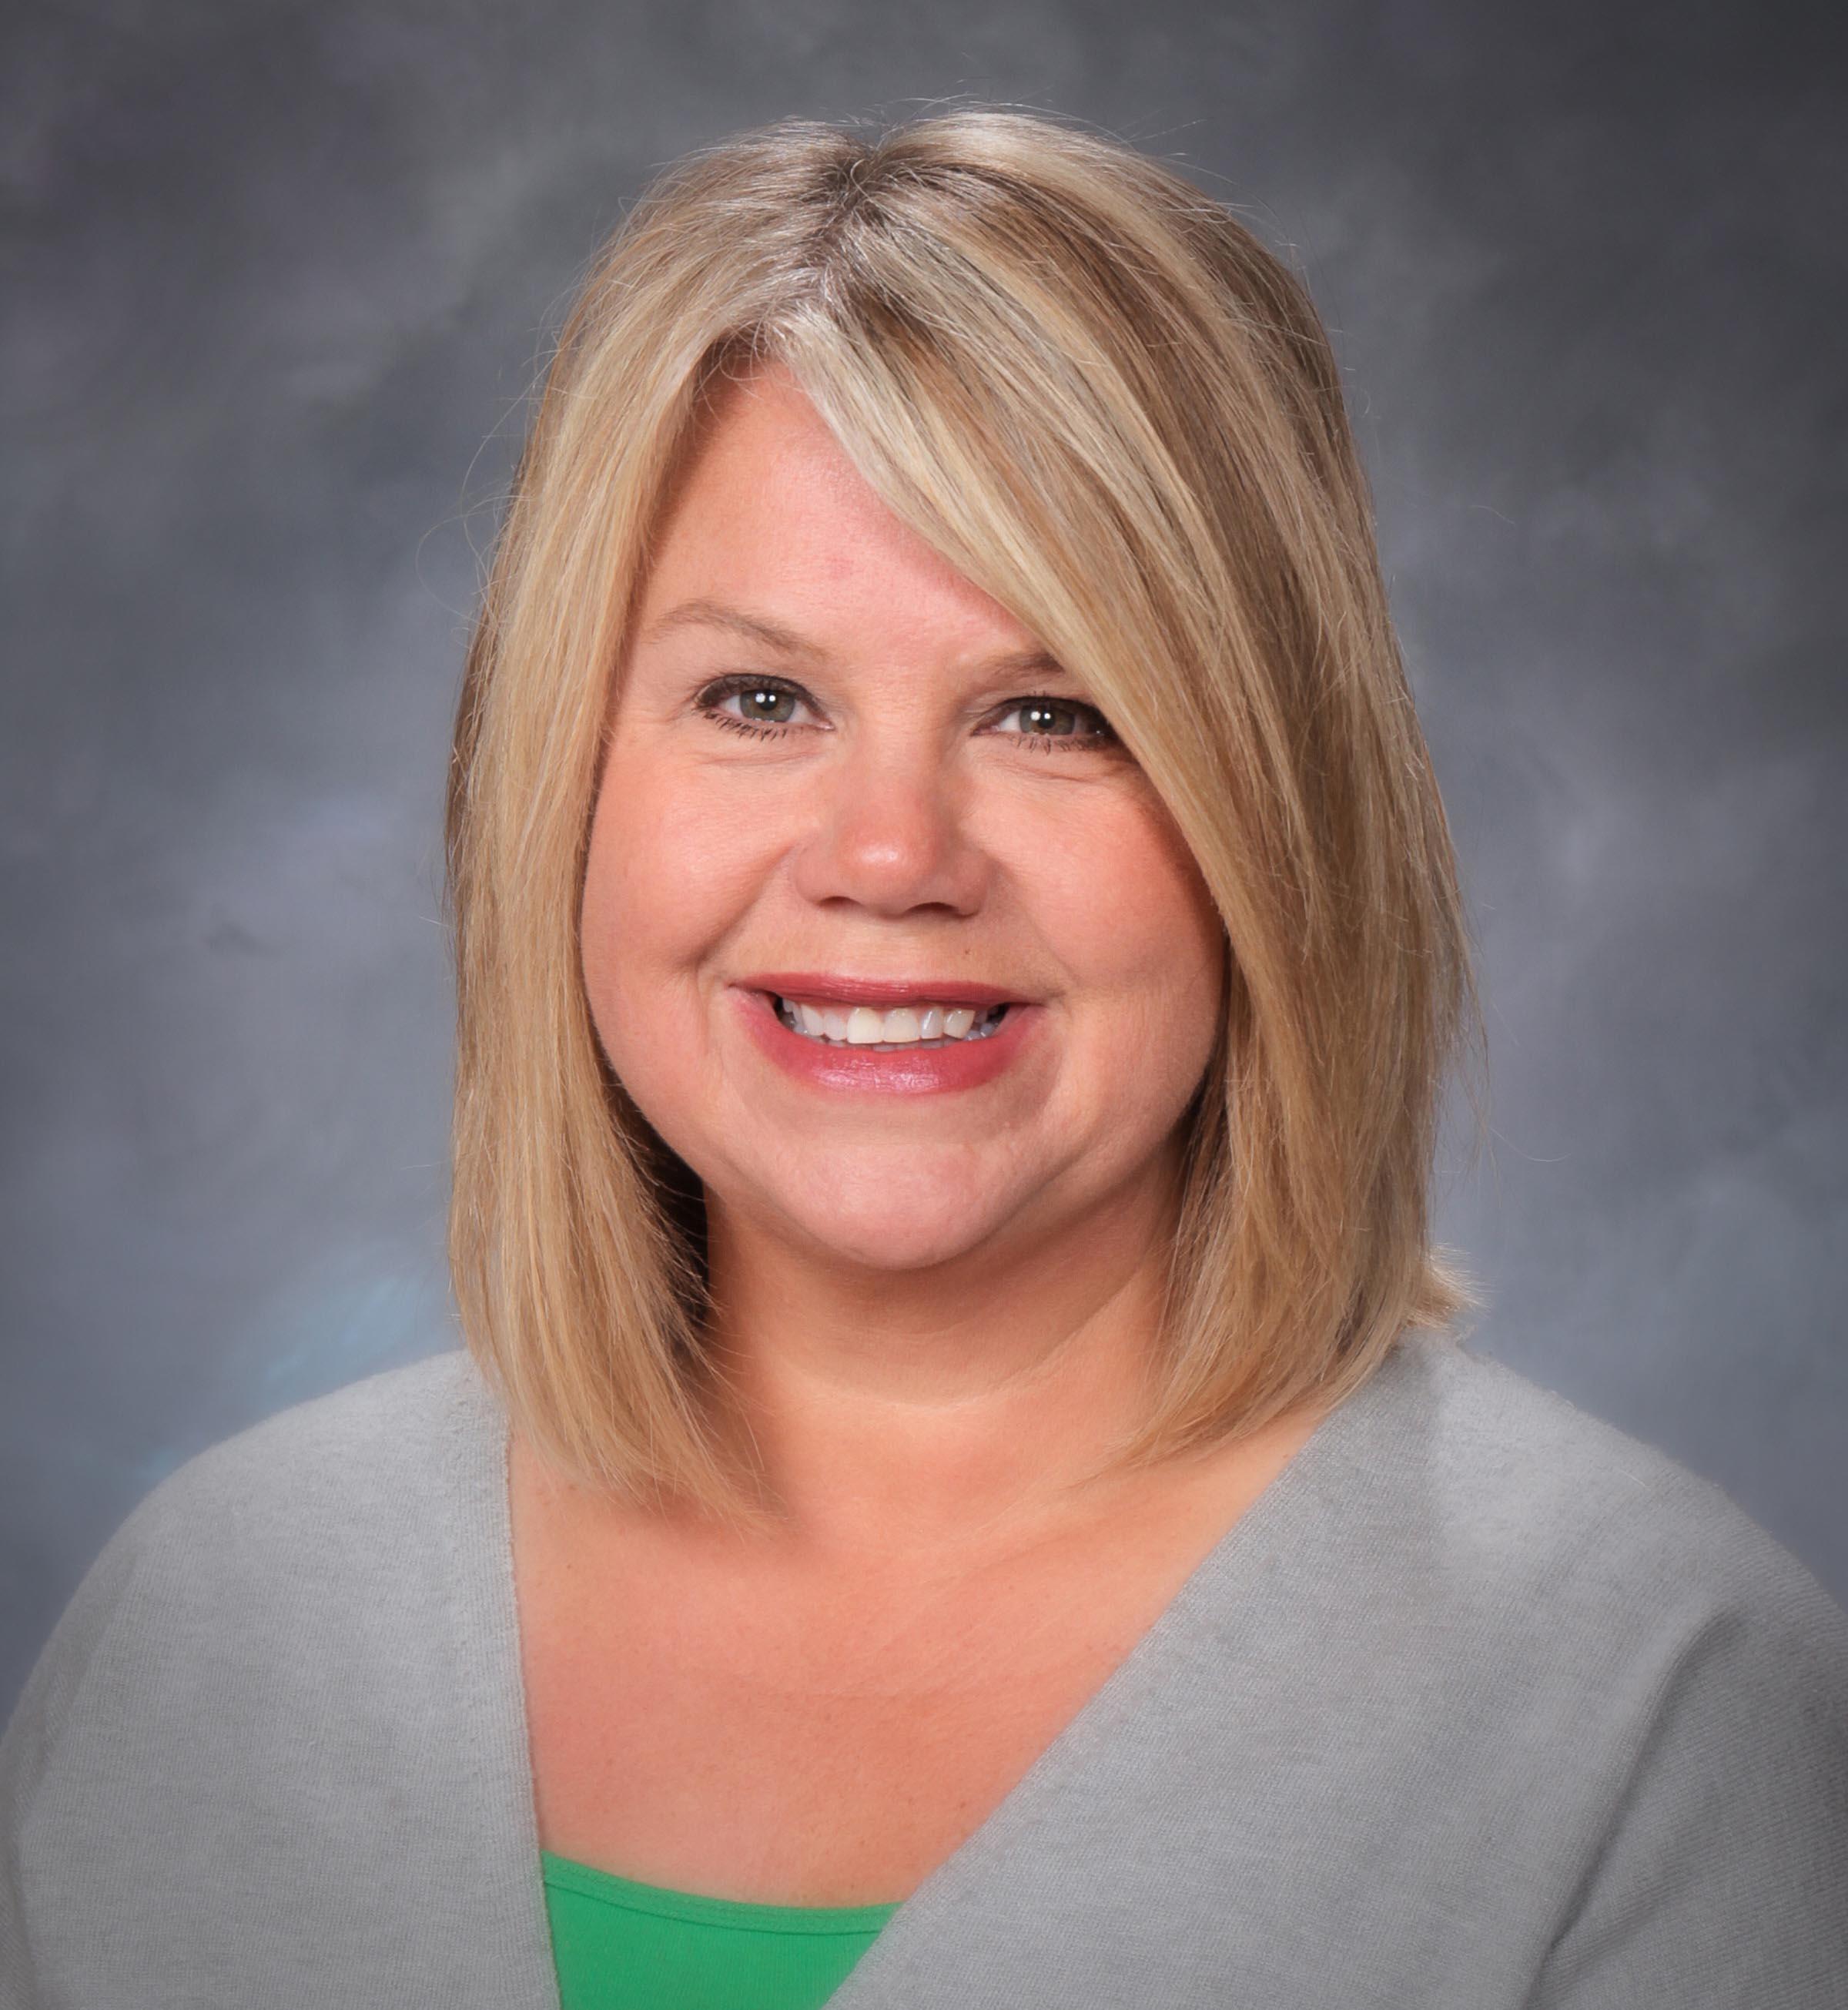 Heidi Sutton